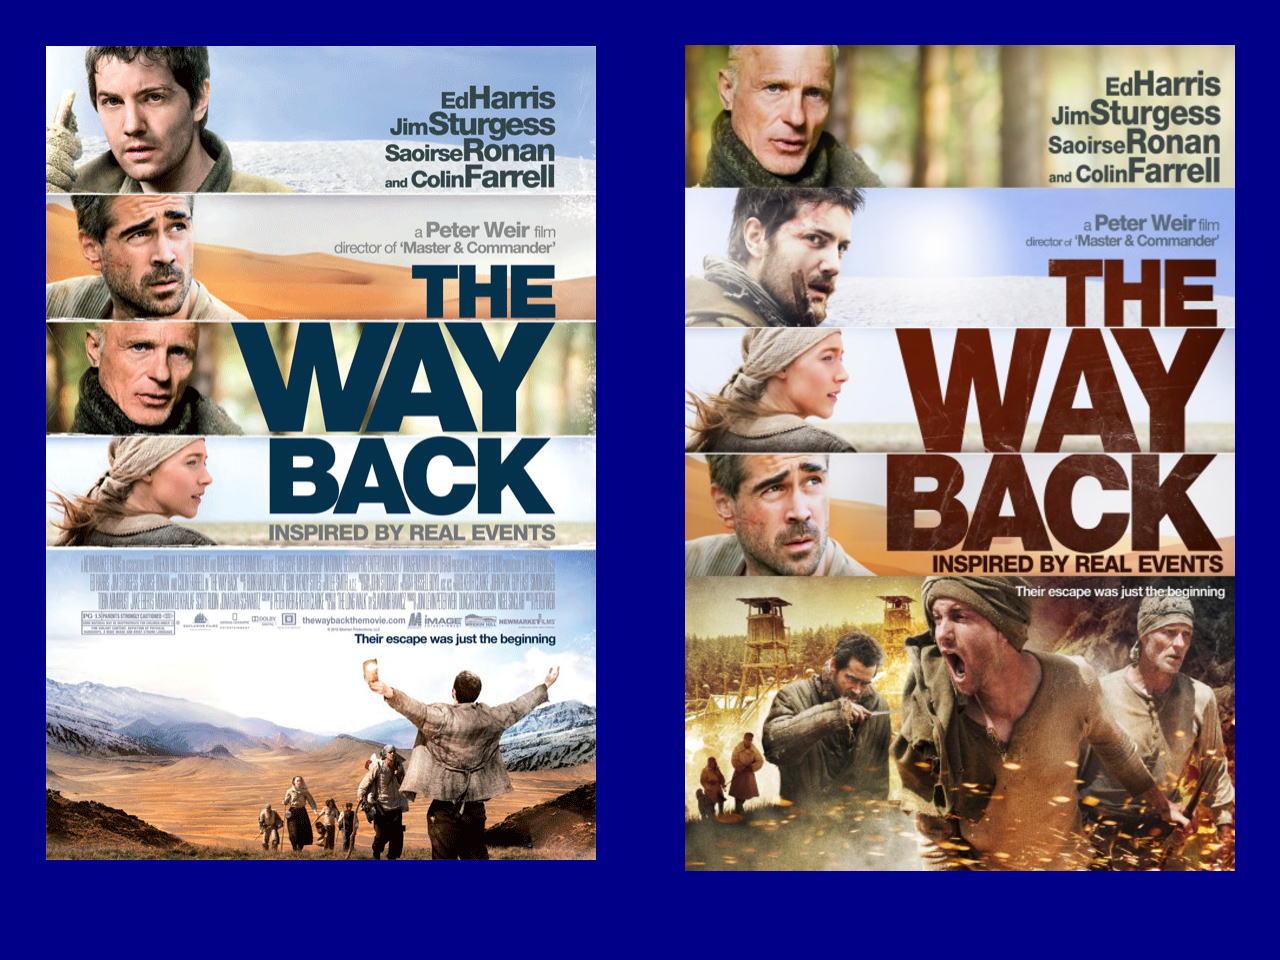 映画『ウェイバック-脱出6500km- THE WAY BACK』ポスター(1)▼ポスター画像クリックで拡大します。